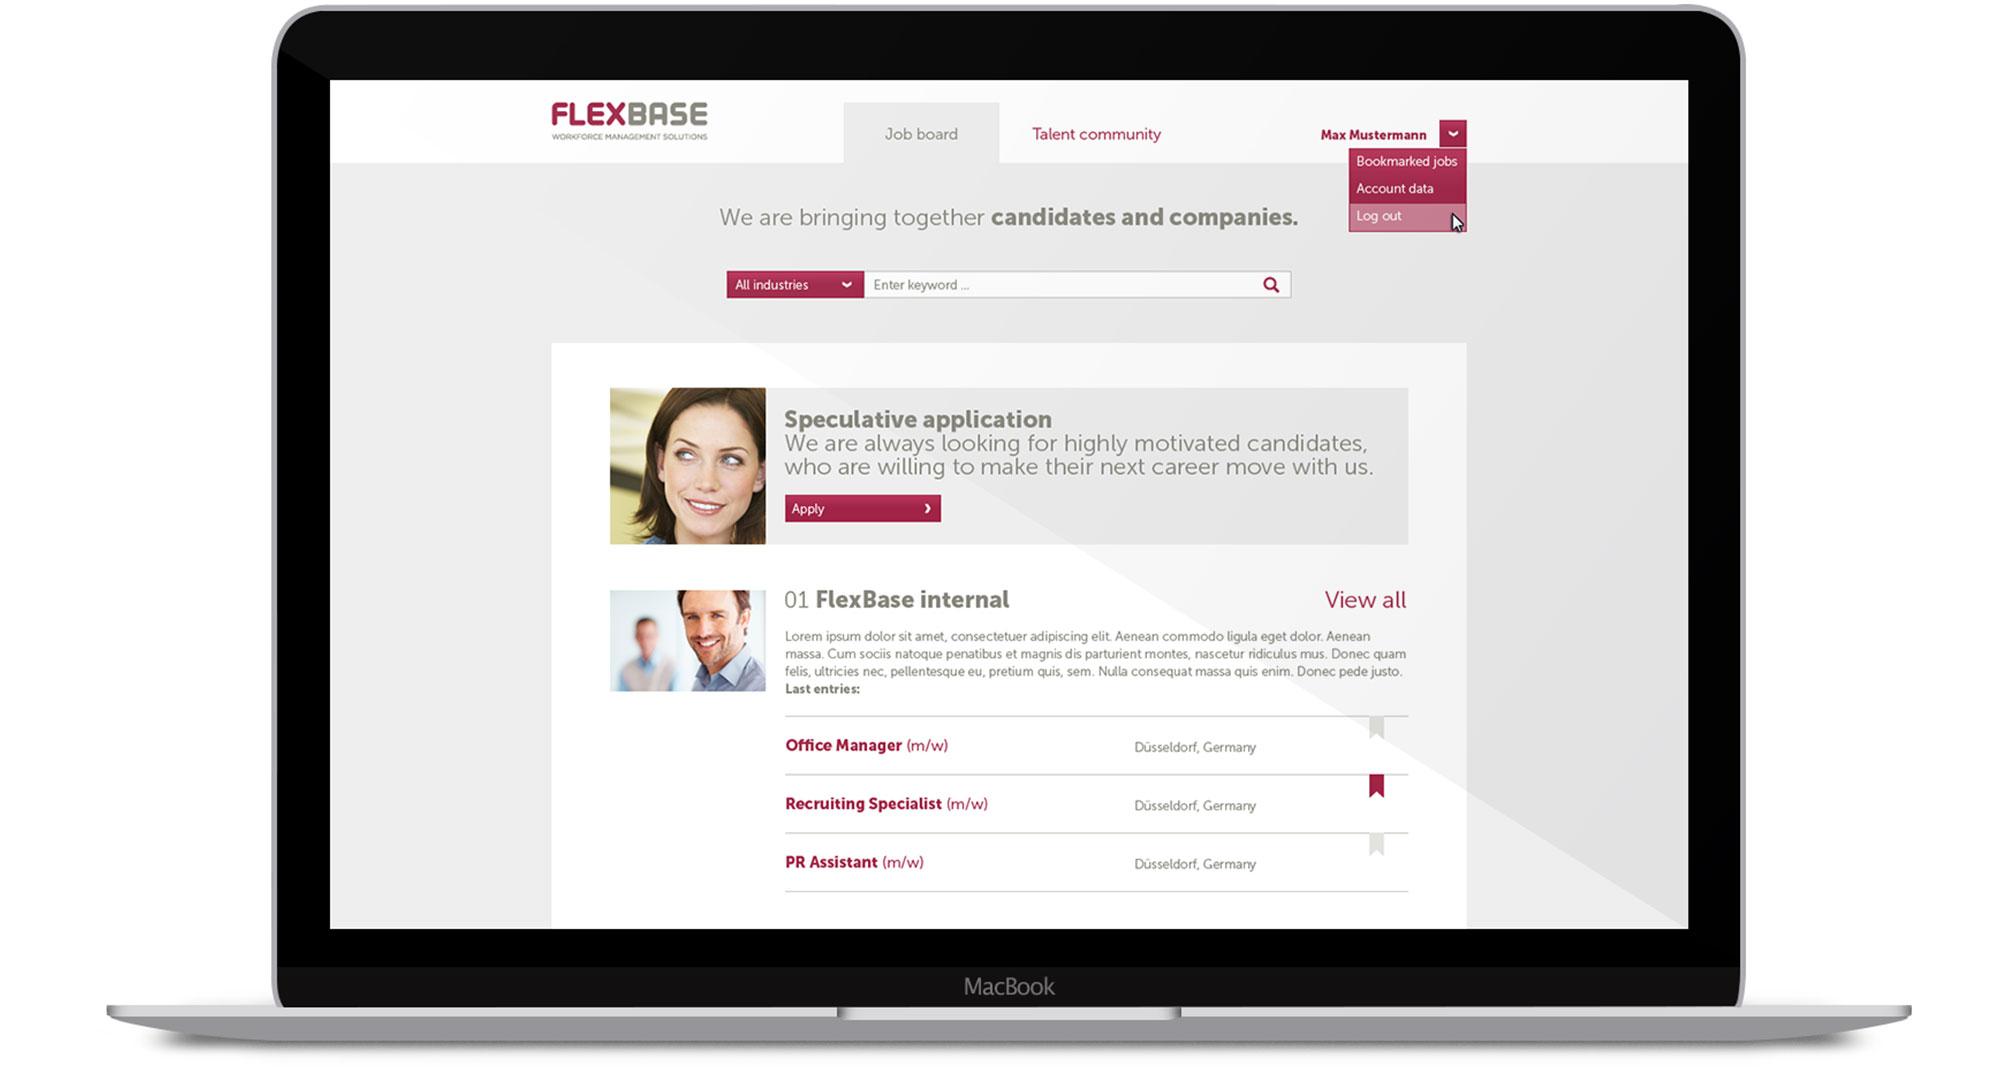 flexbase_karriereportal_3